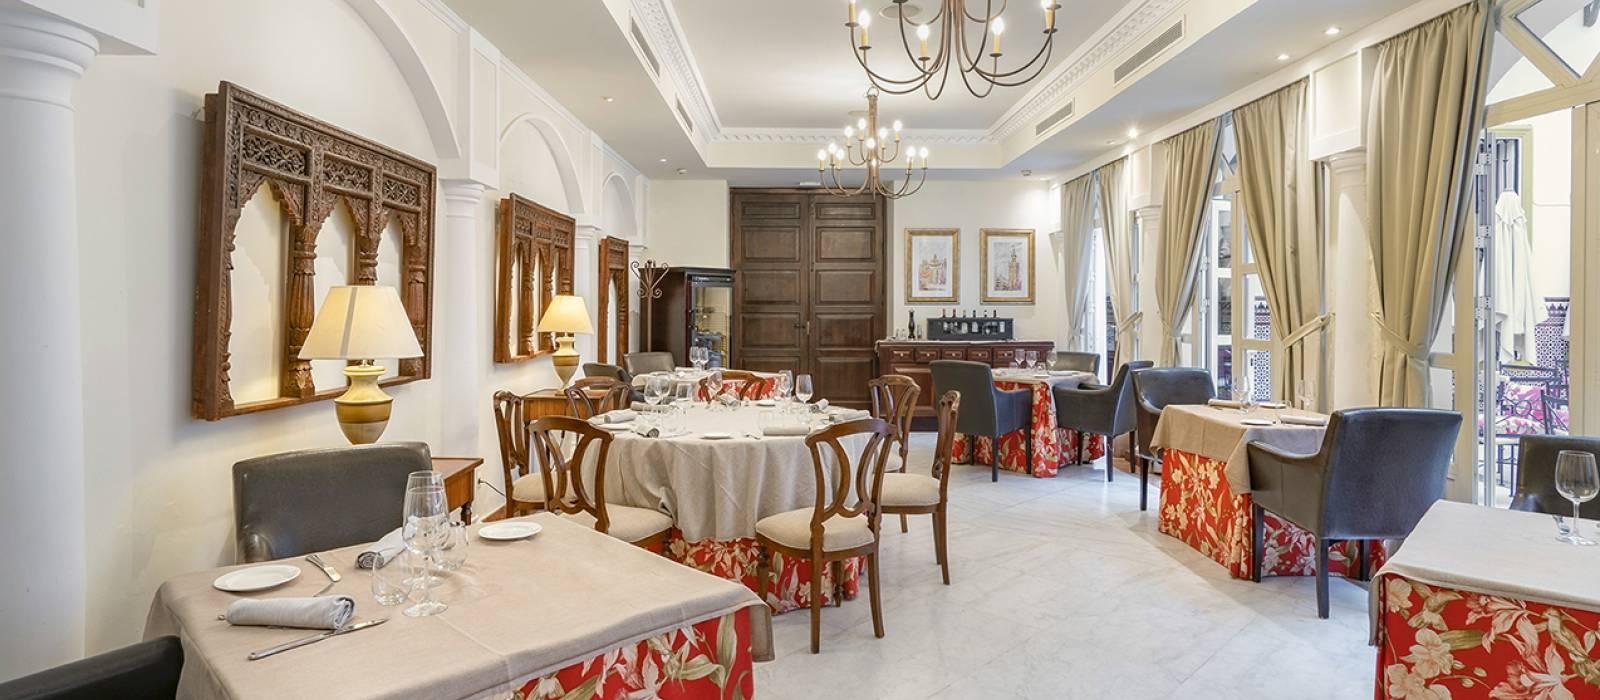 Servizi Hotel Sevilla La Rabida - Vincci Hoteles - Il Patio Andaluz